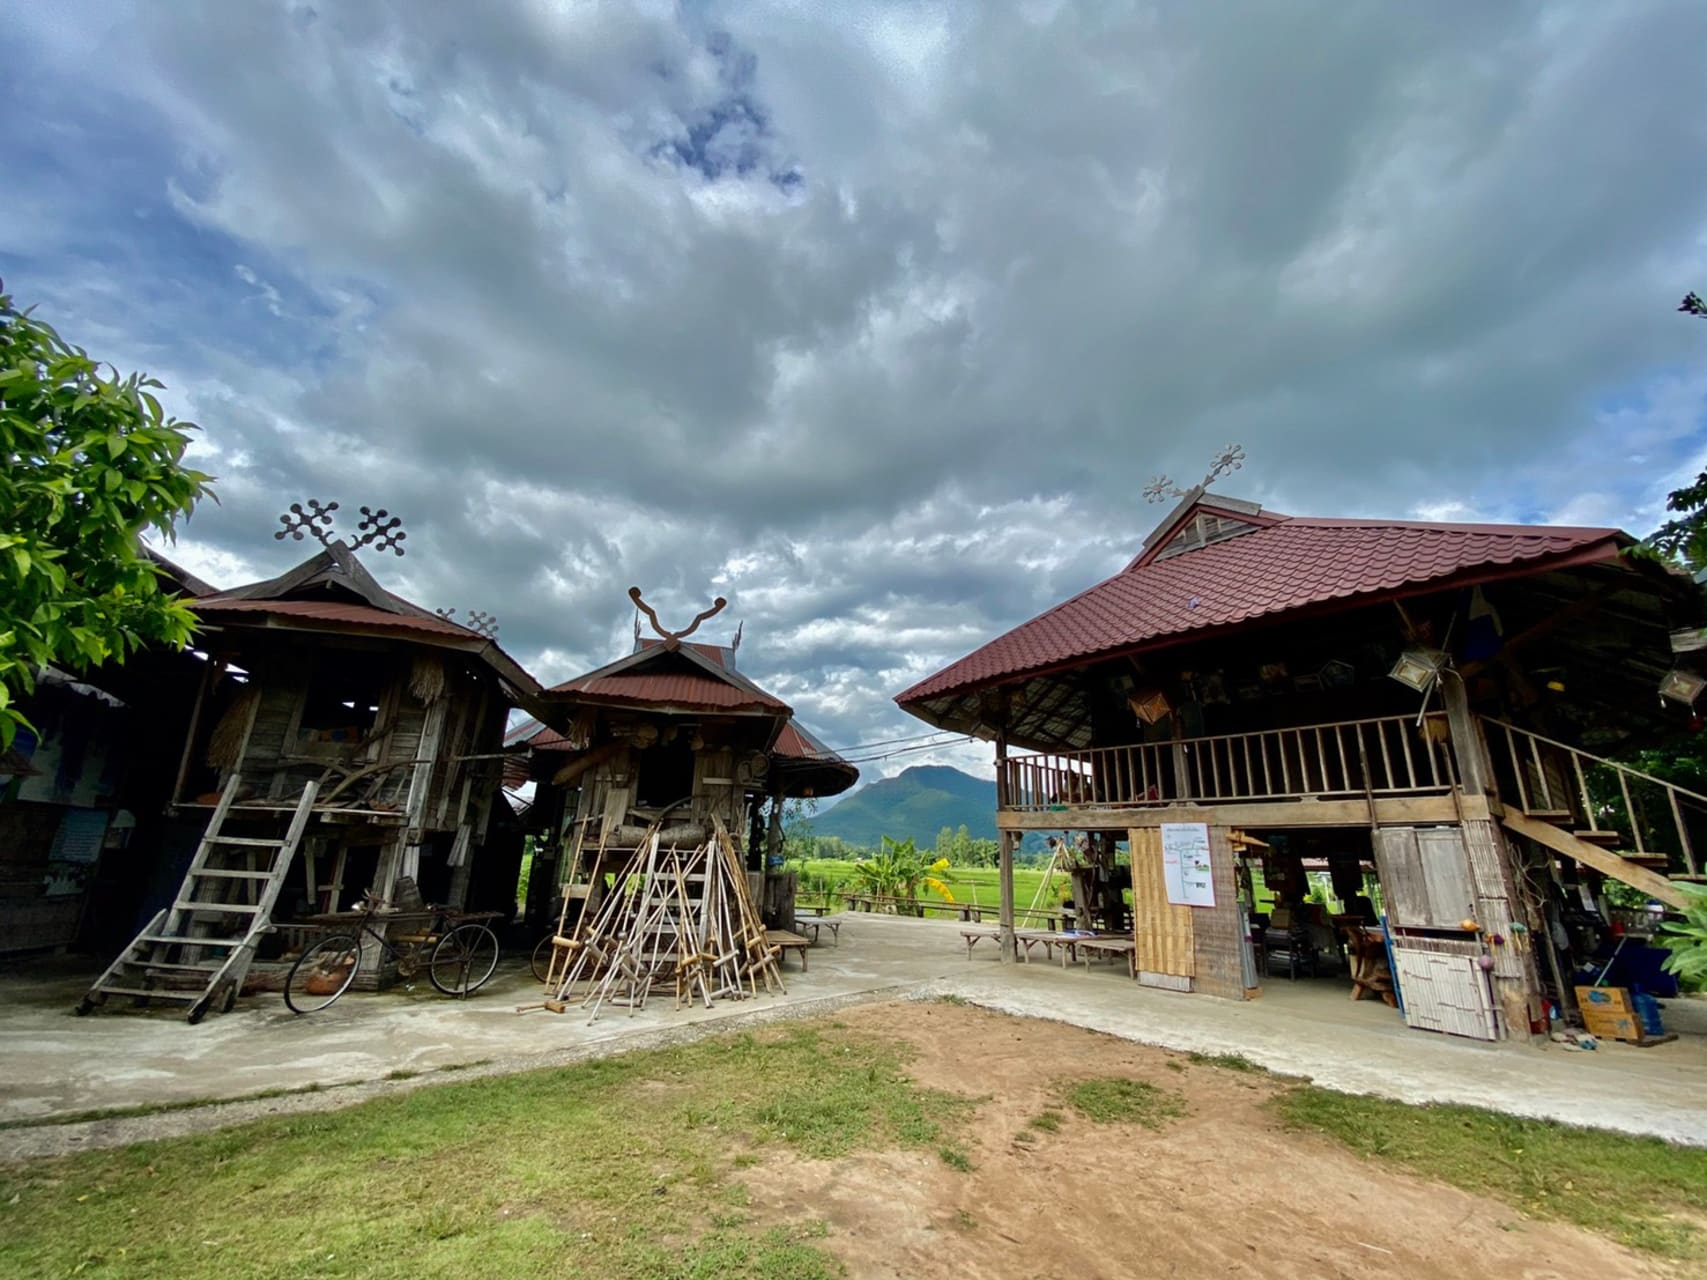 Loei - Visit TaiDam Village, Minority Group of Thailand